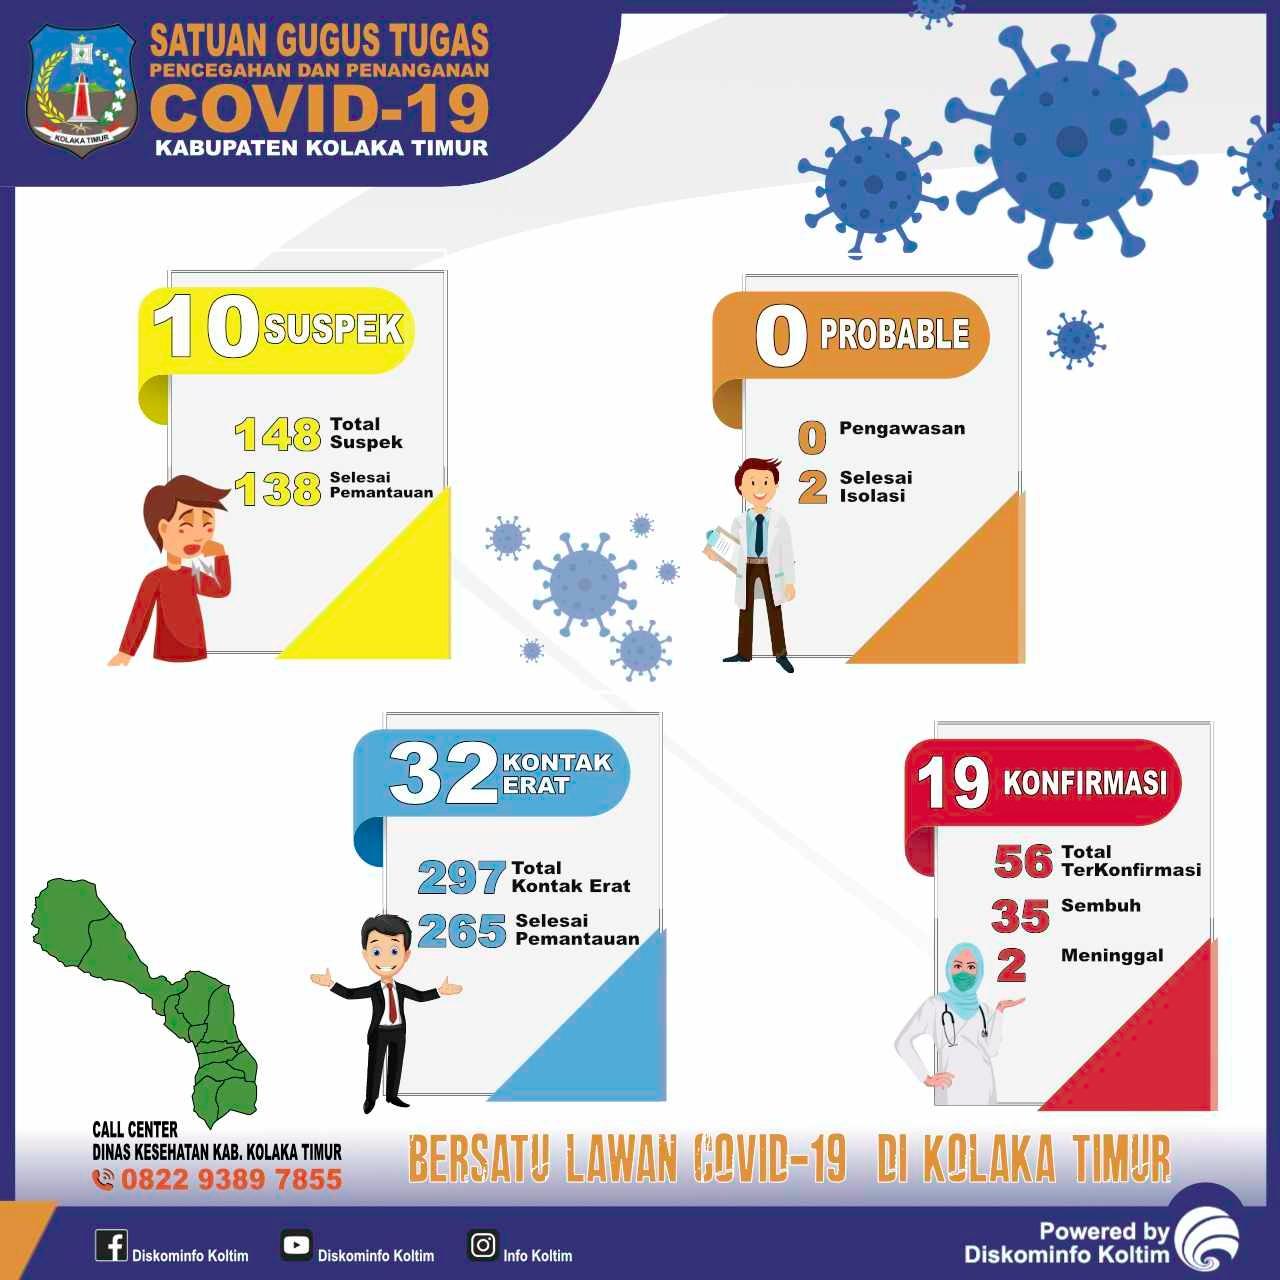 DATA COVID-19 KAB. KOLAKA TIMUR TANGGAL 1 NOVEMBER